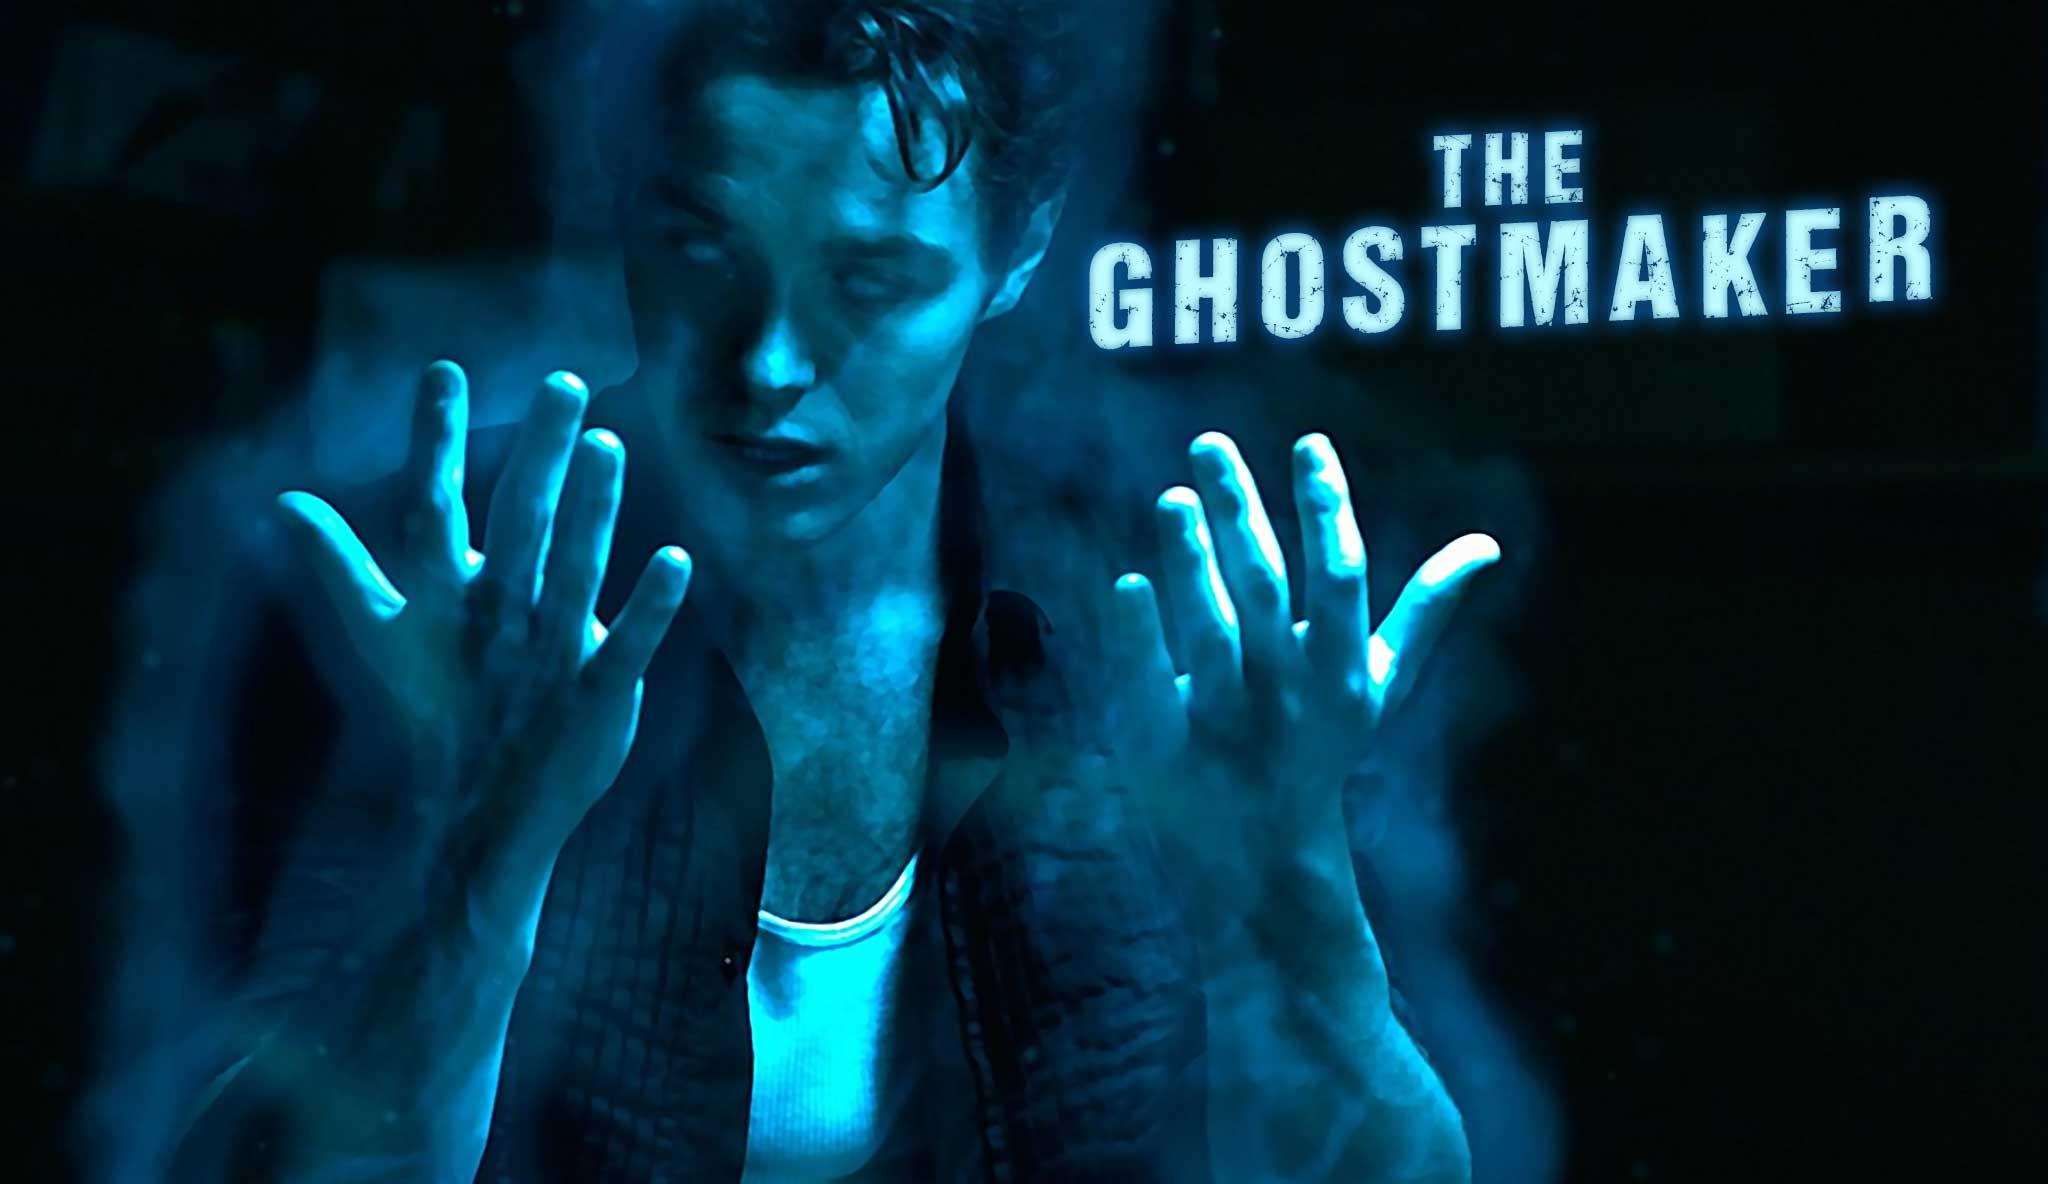 the-ghostmaker\header.jpg